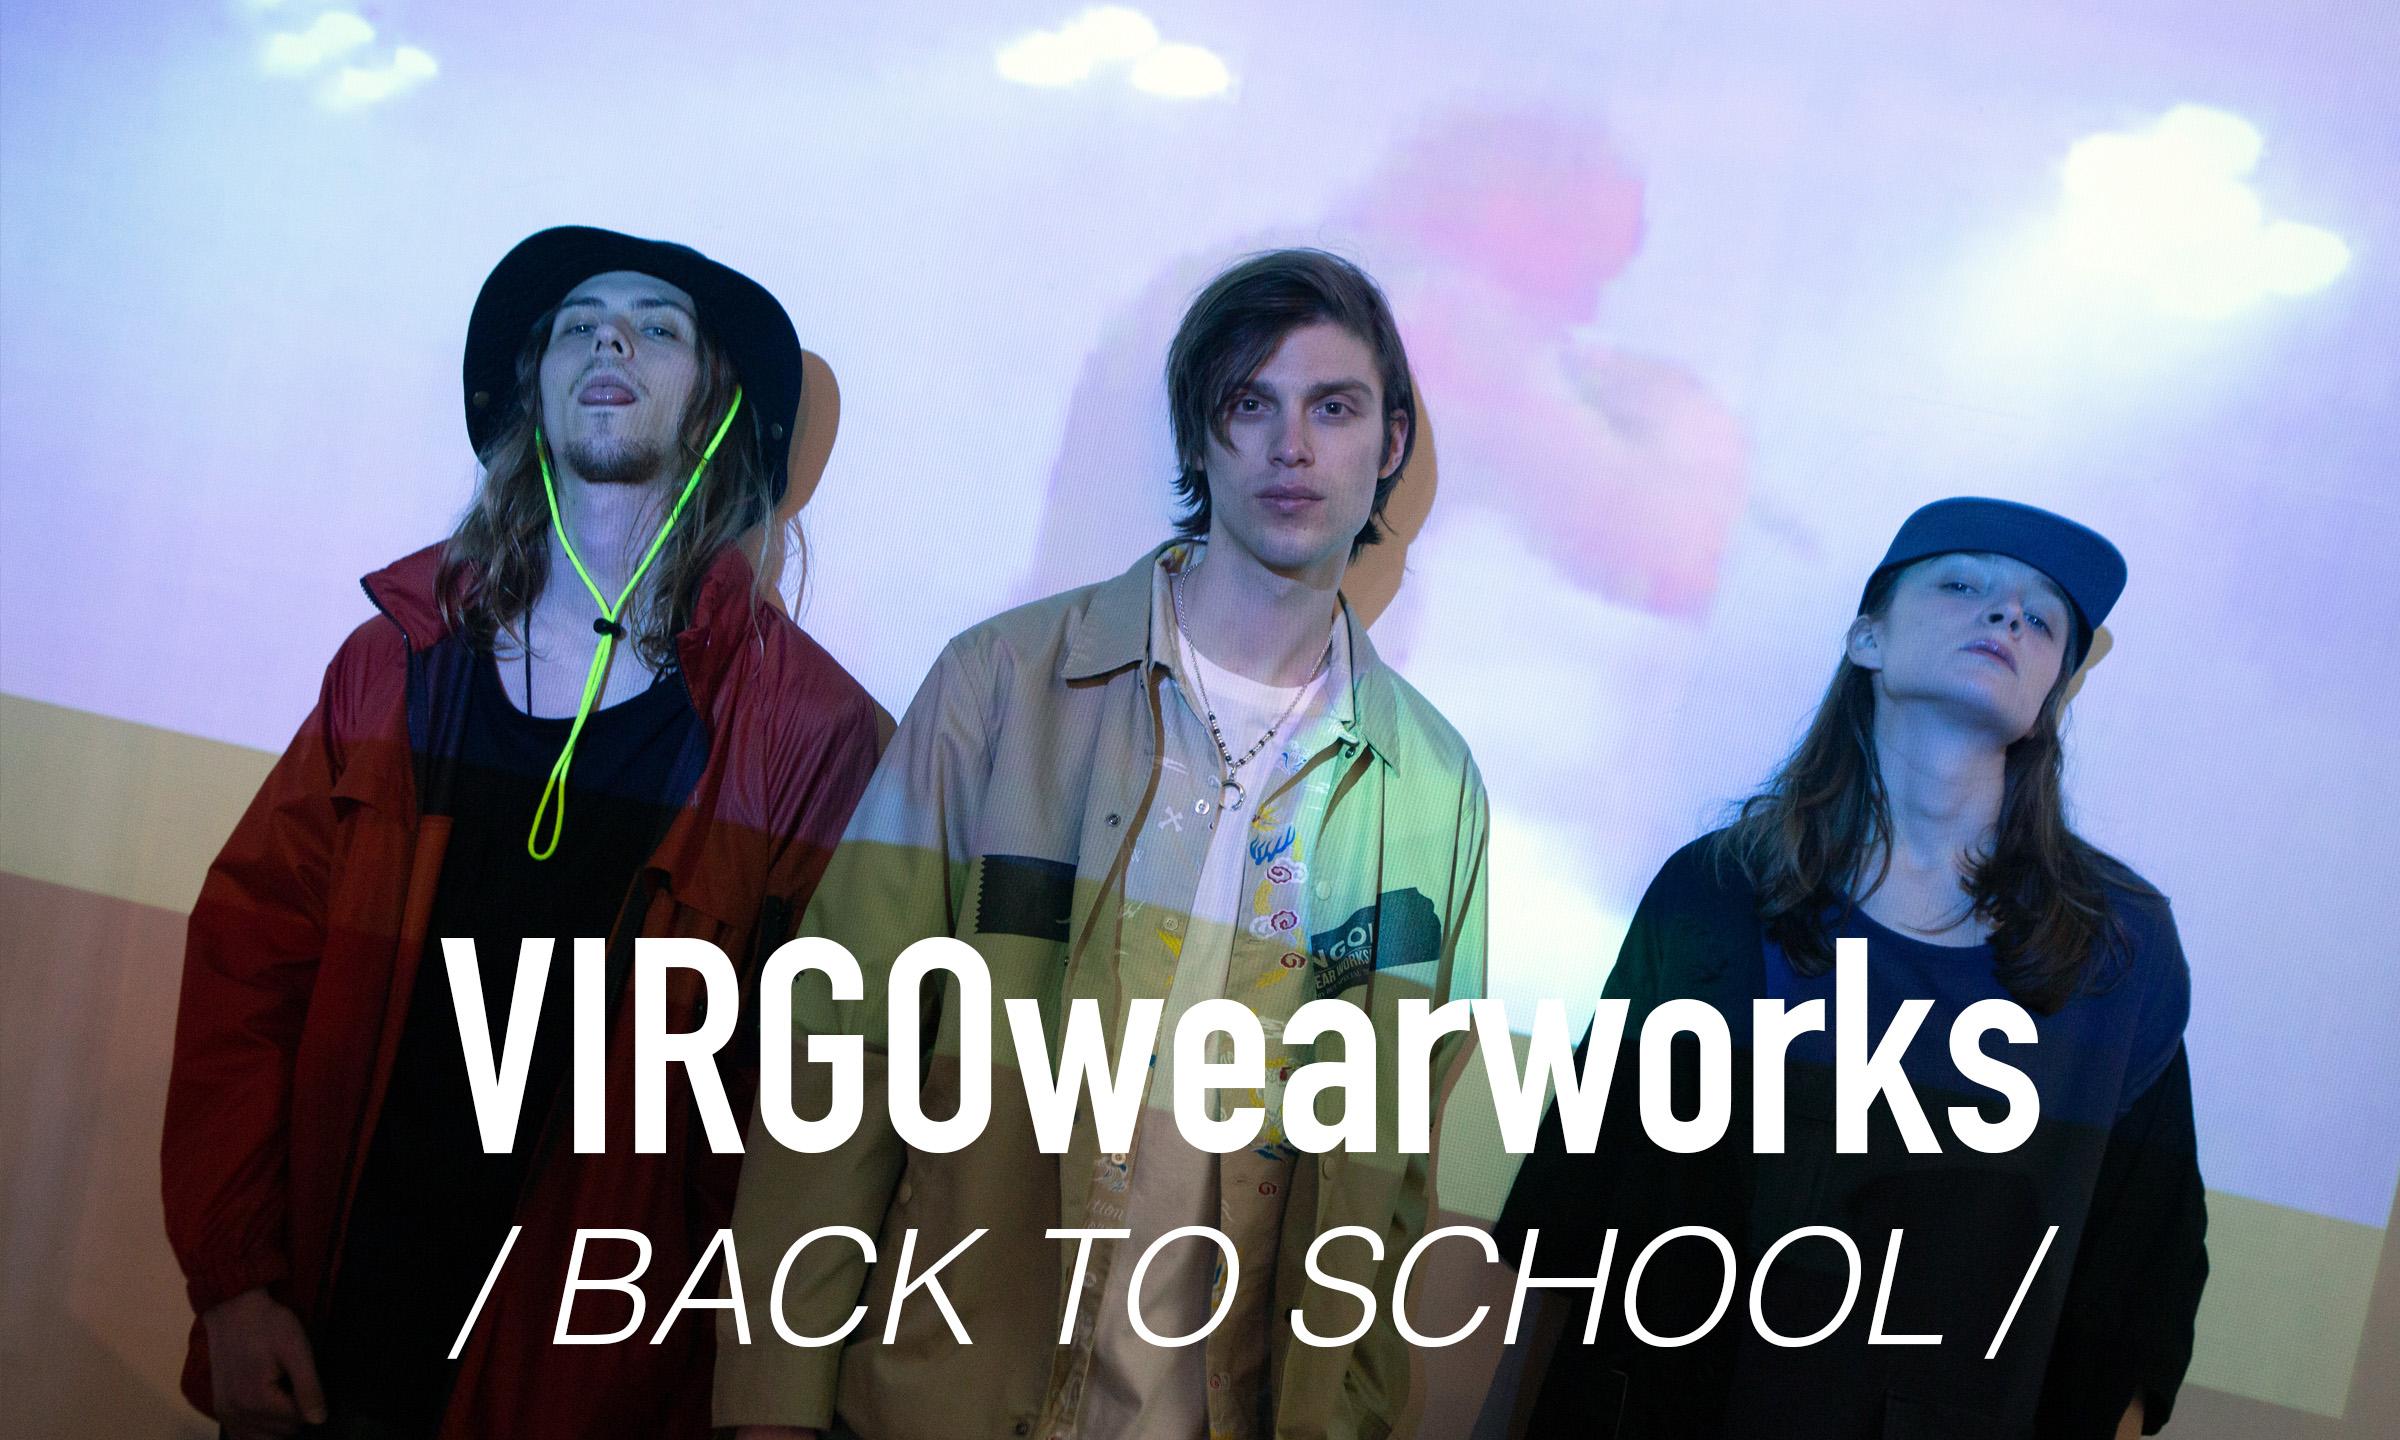 青春の甘酸っぱさを着る! 「VIRGOwearworks」-BACK TO SCHOOL-